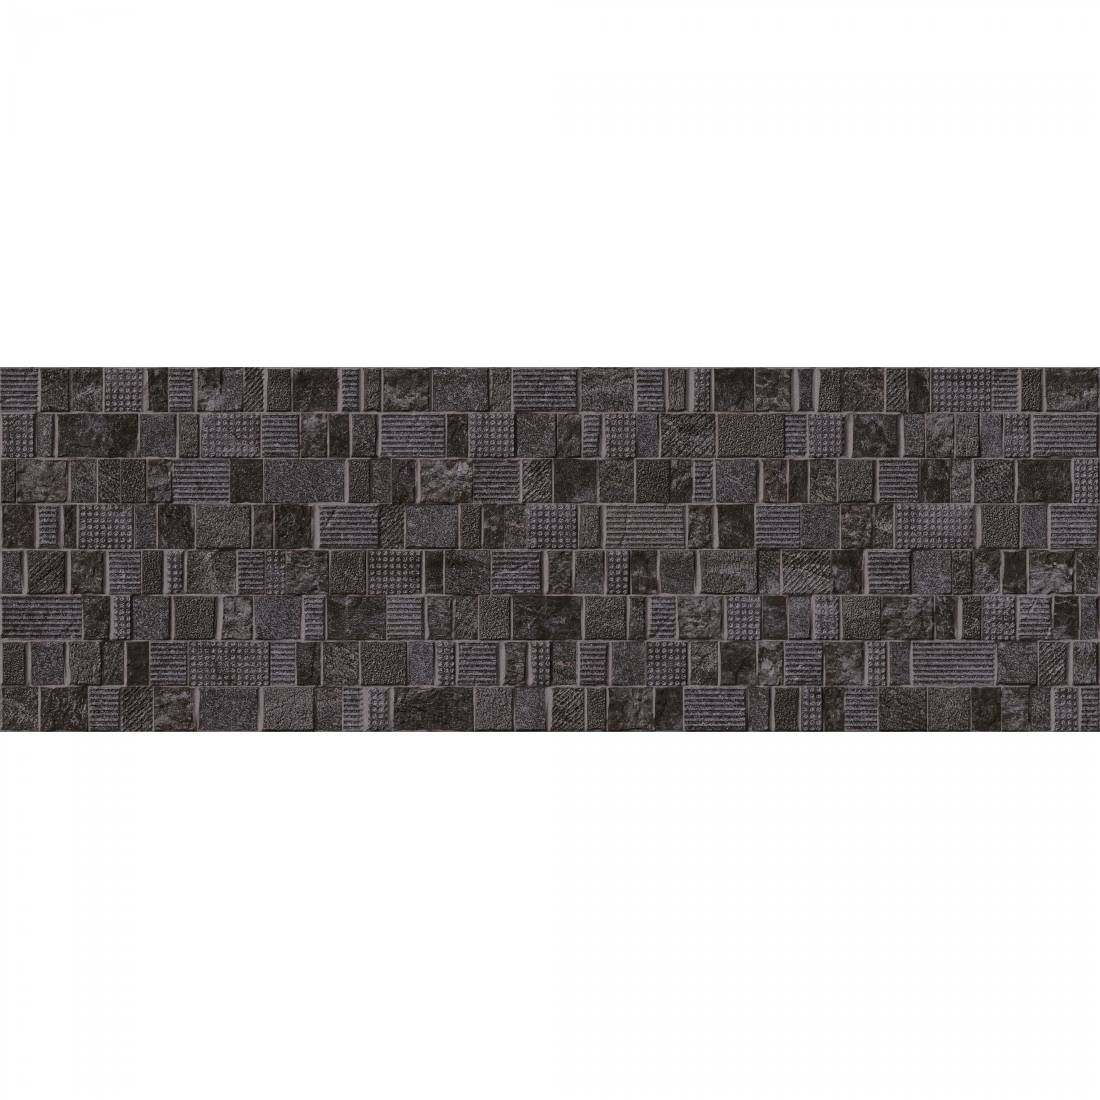 Aries 20x60 Negro 1